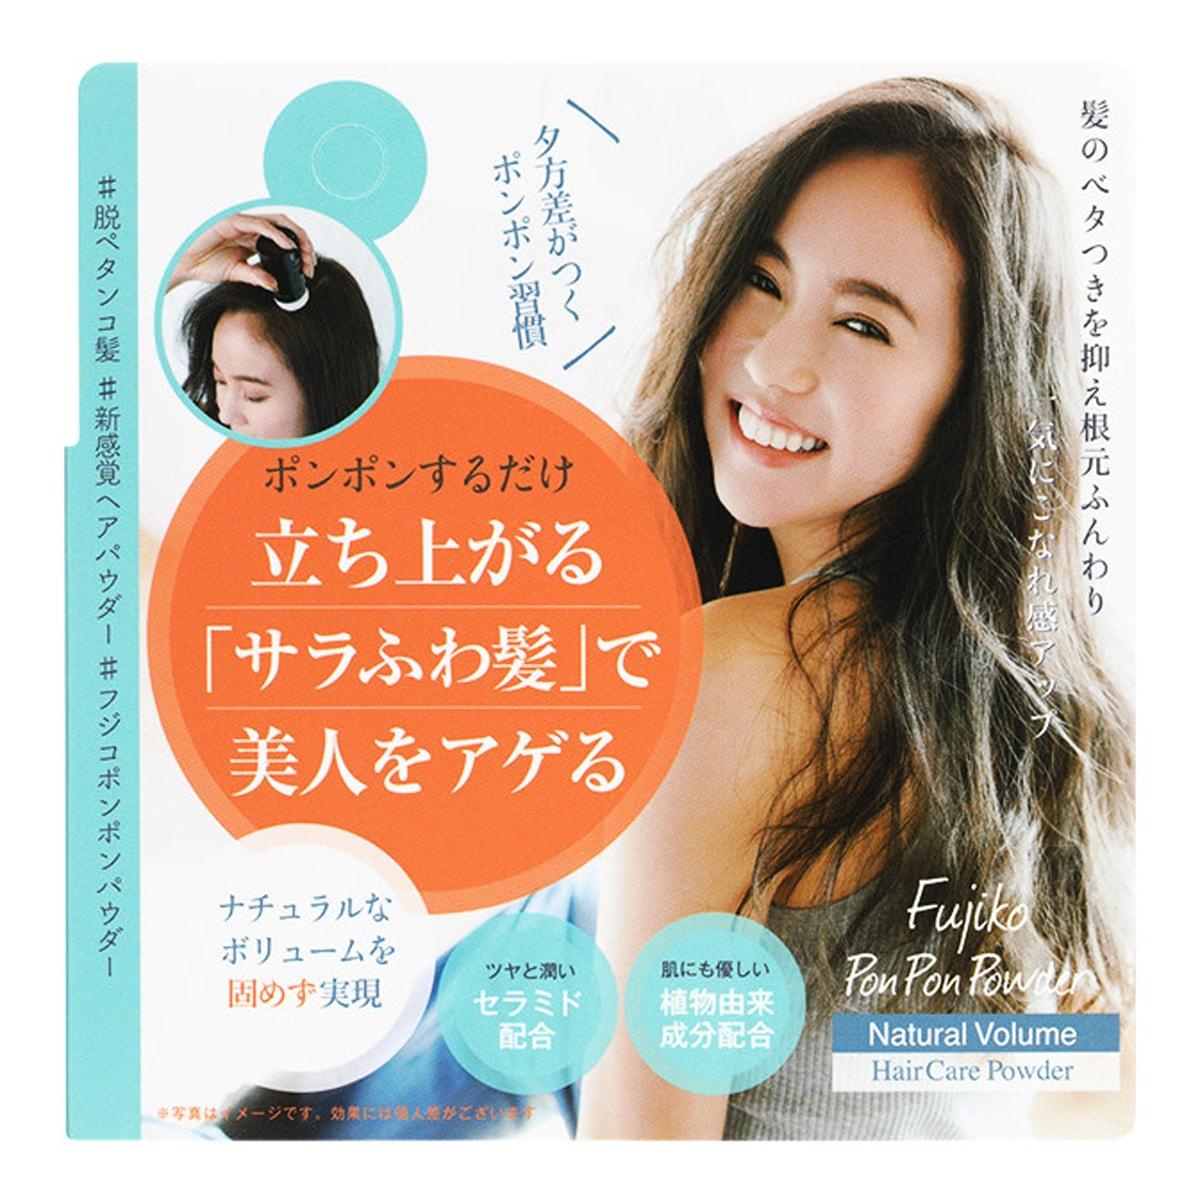 日本FUJIKO PON PON 头发蓬松蓬蓬粉 油头细软发救星 8.5g